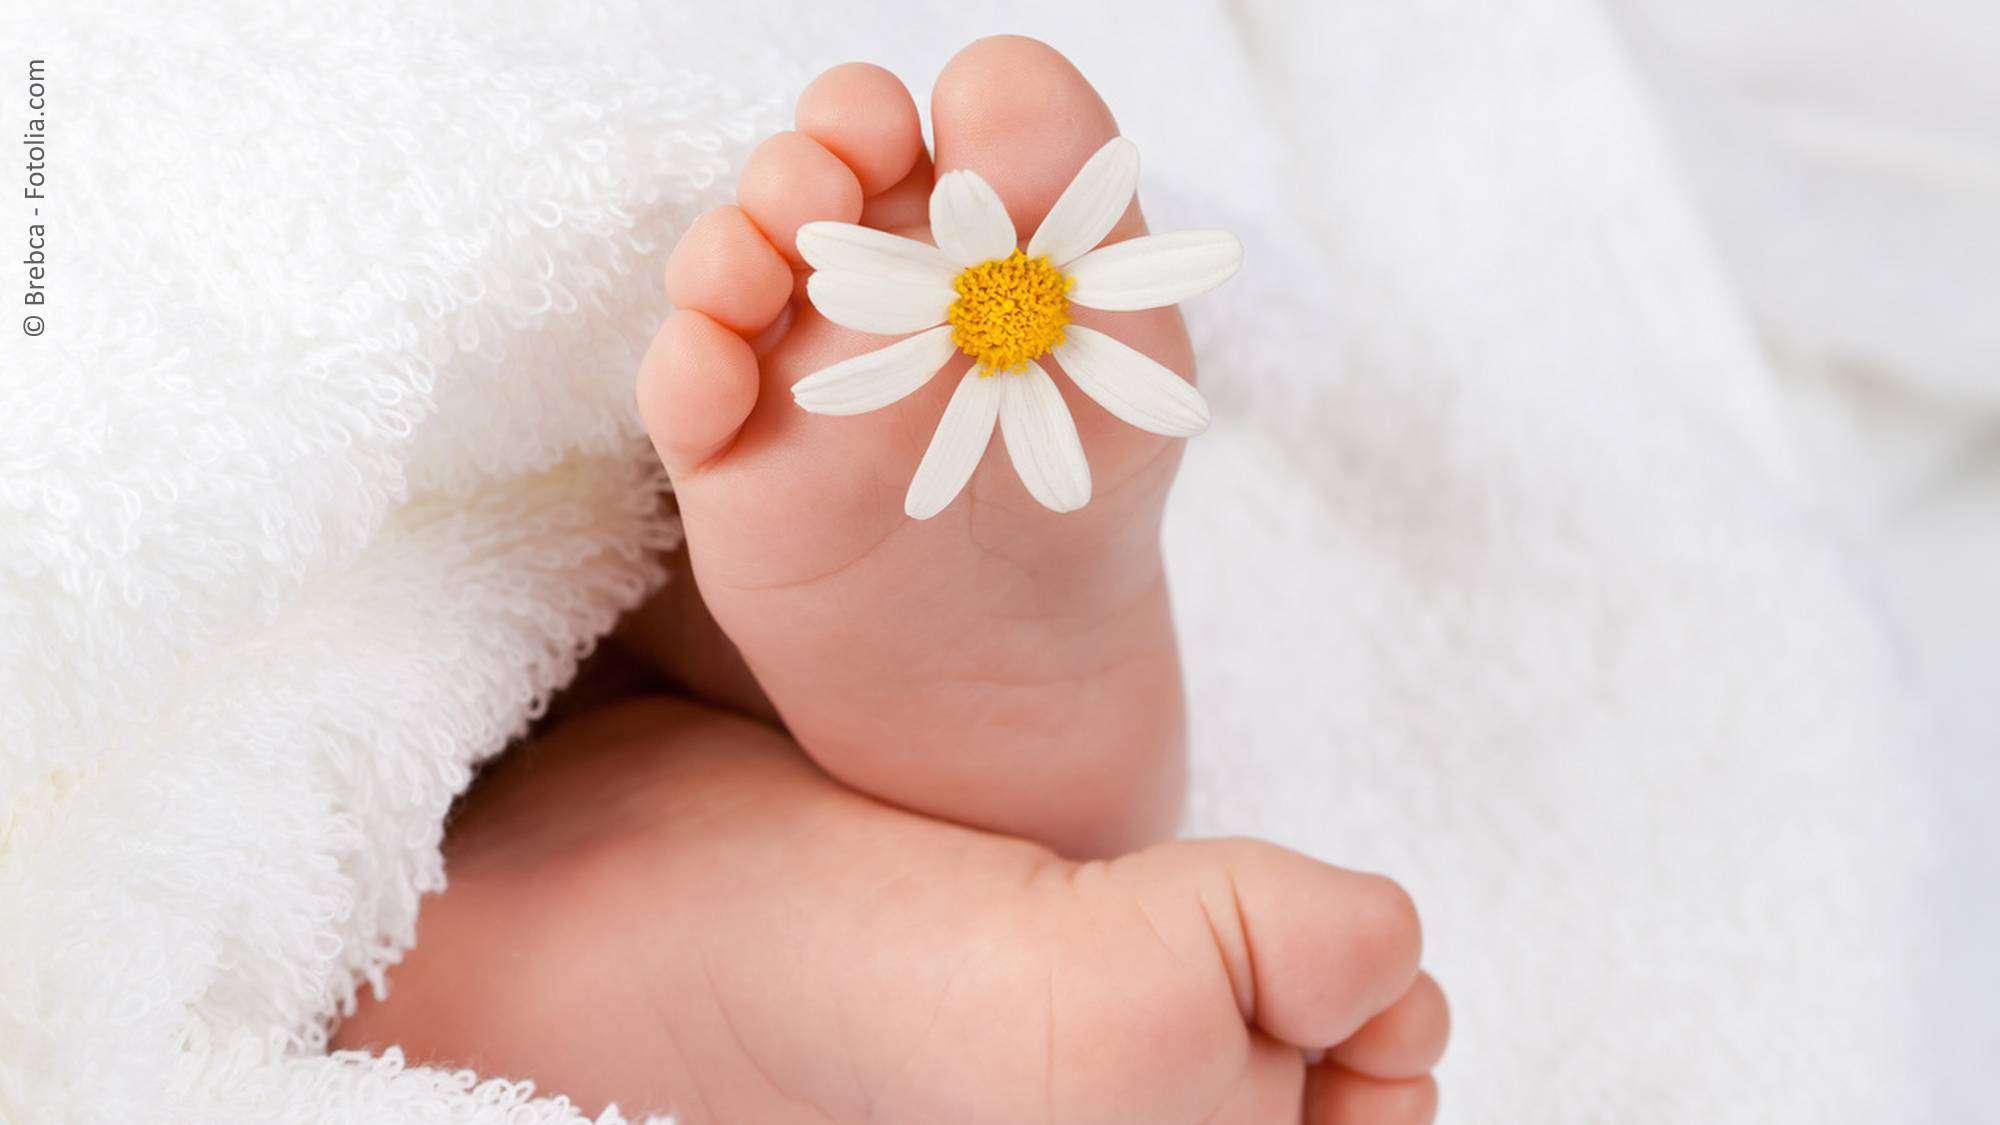 Babyfüße mit Blume bei freier Taufe